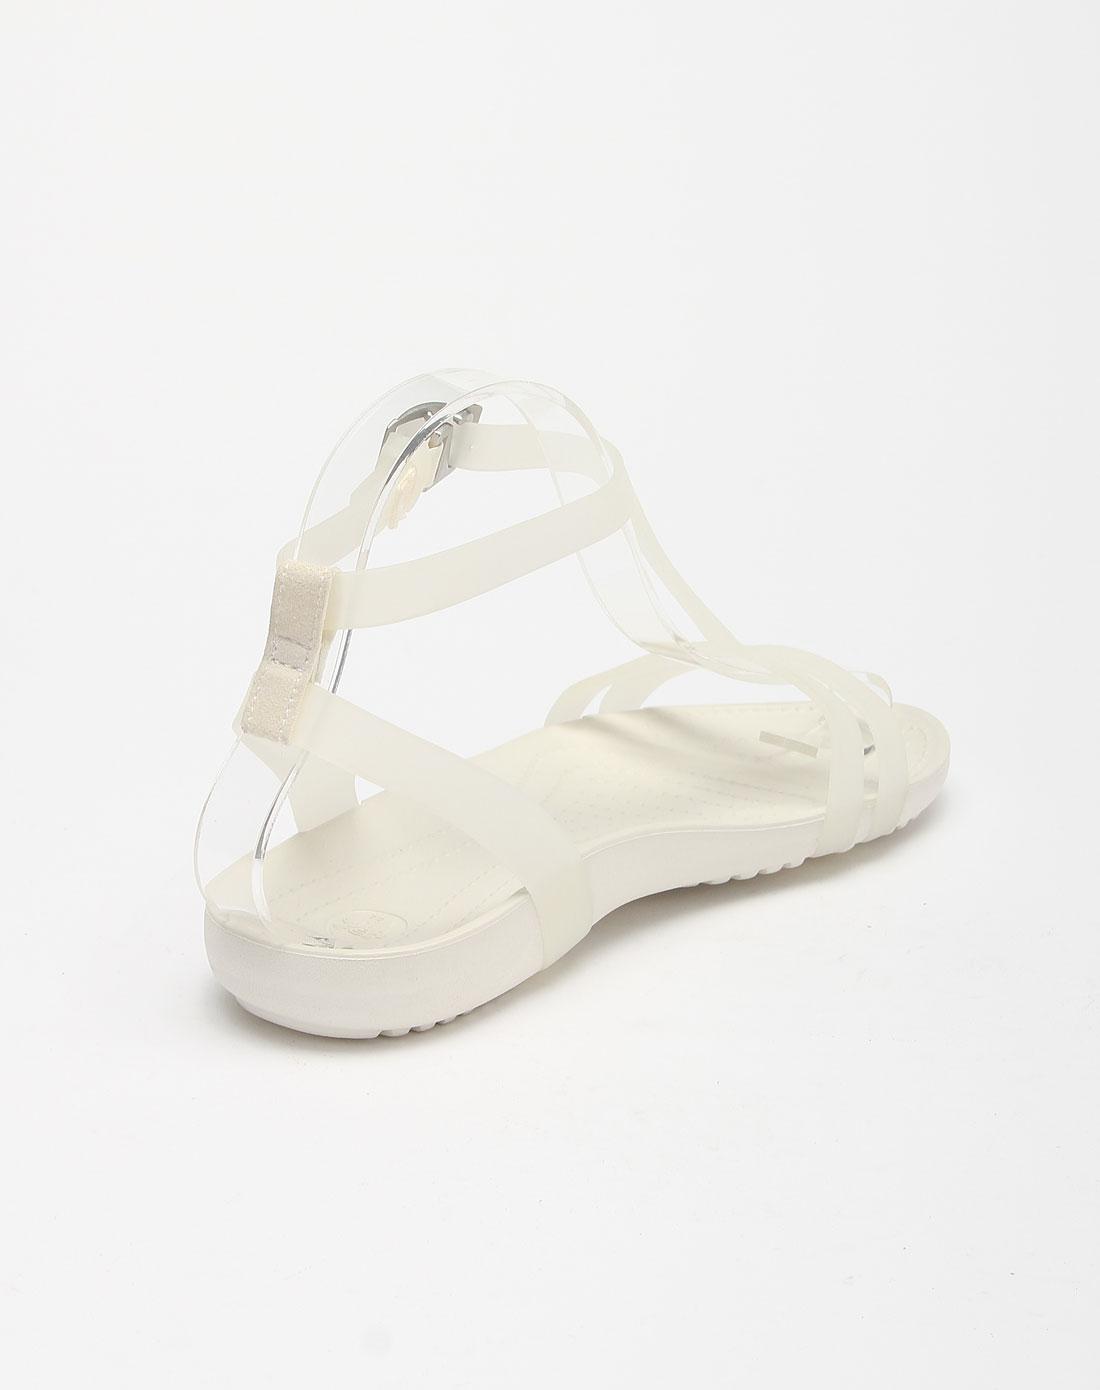 色/牡蛎色赛丝凉鞋休闲鞋